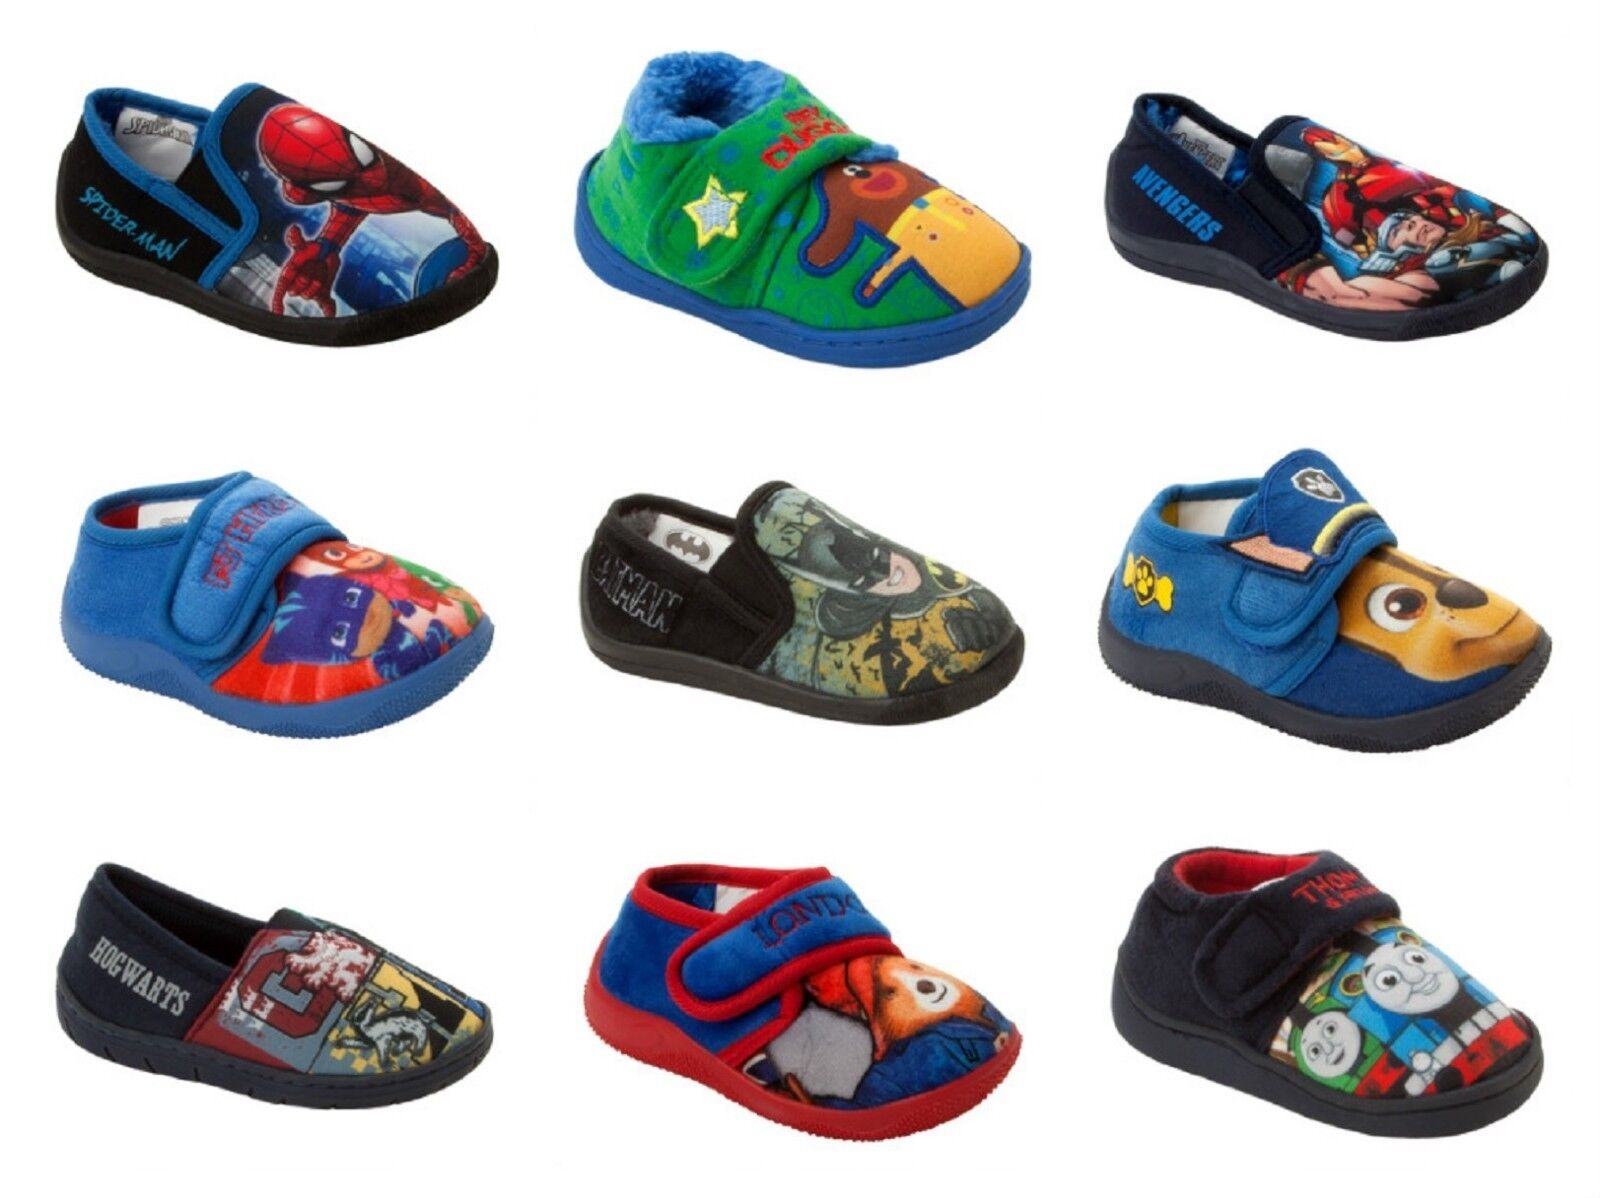 Boys PJ Masks Superhero Slip On Slippers Shoes Toddler Children Size UK 4-10